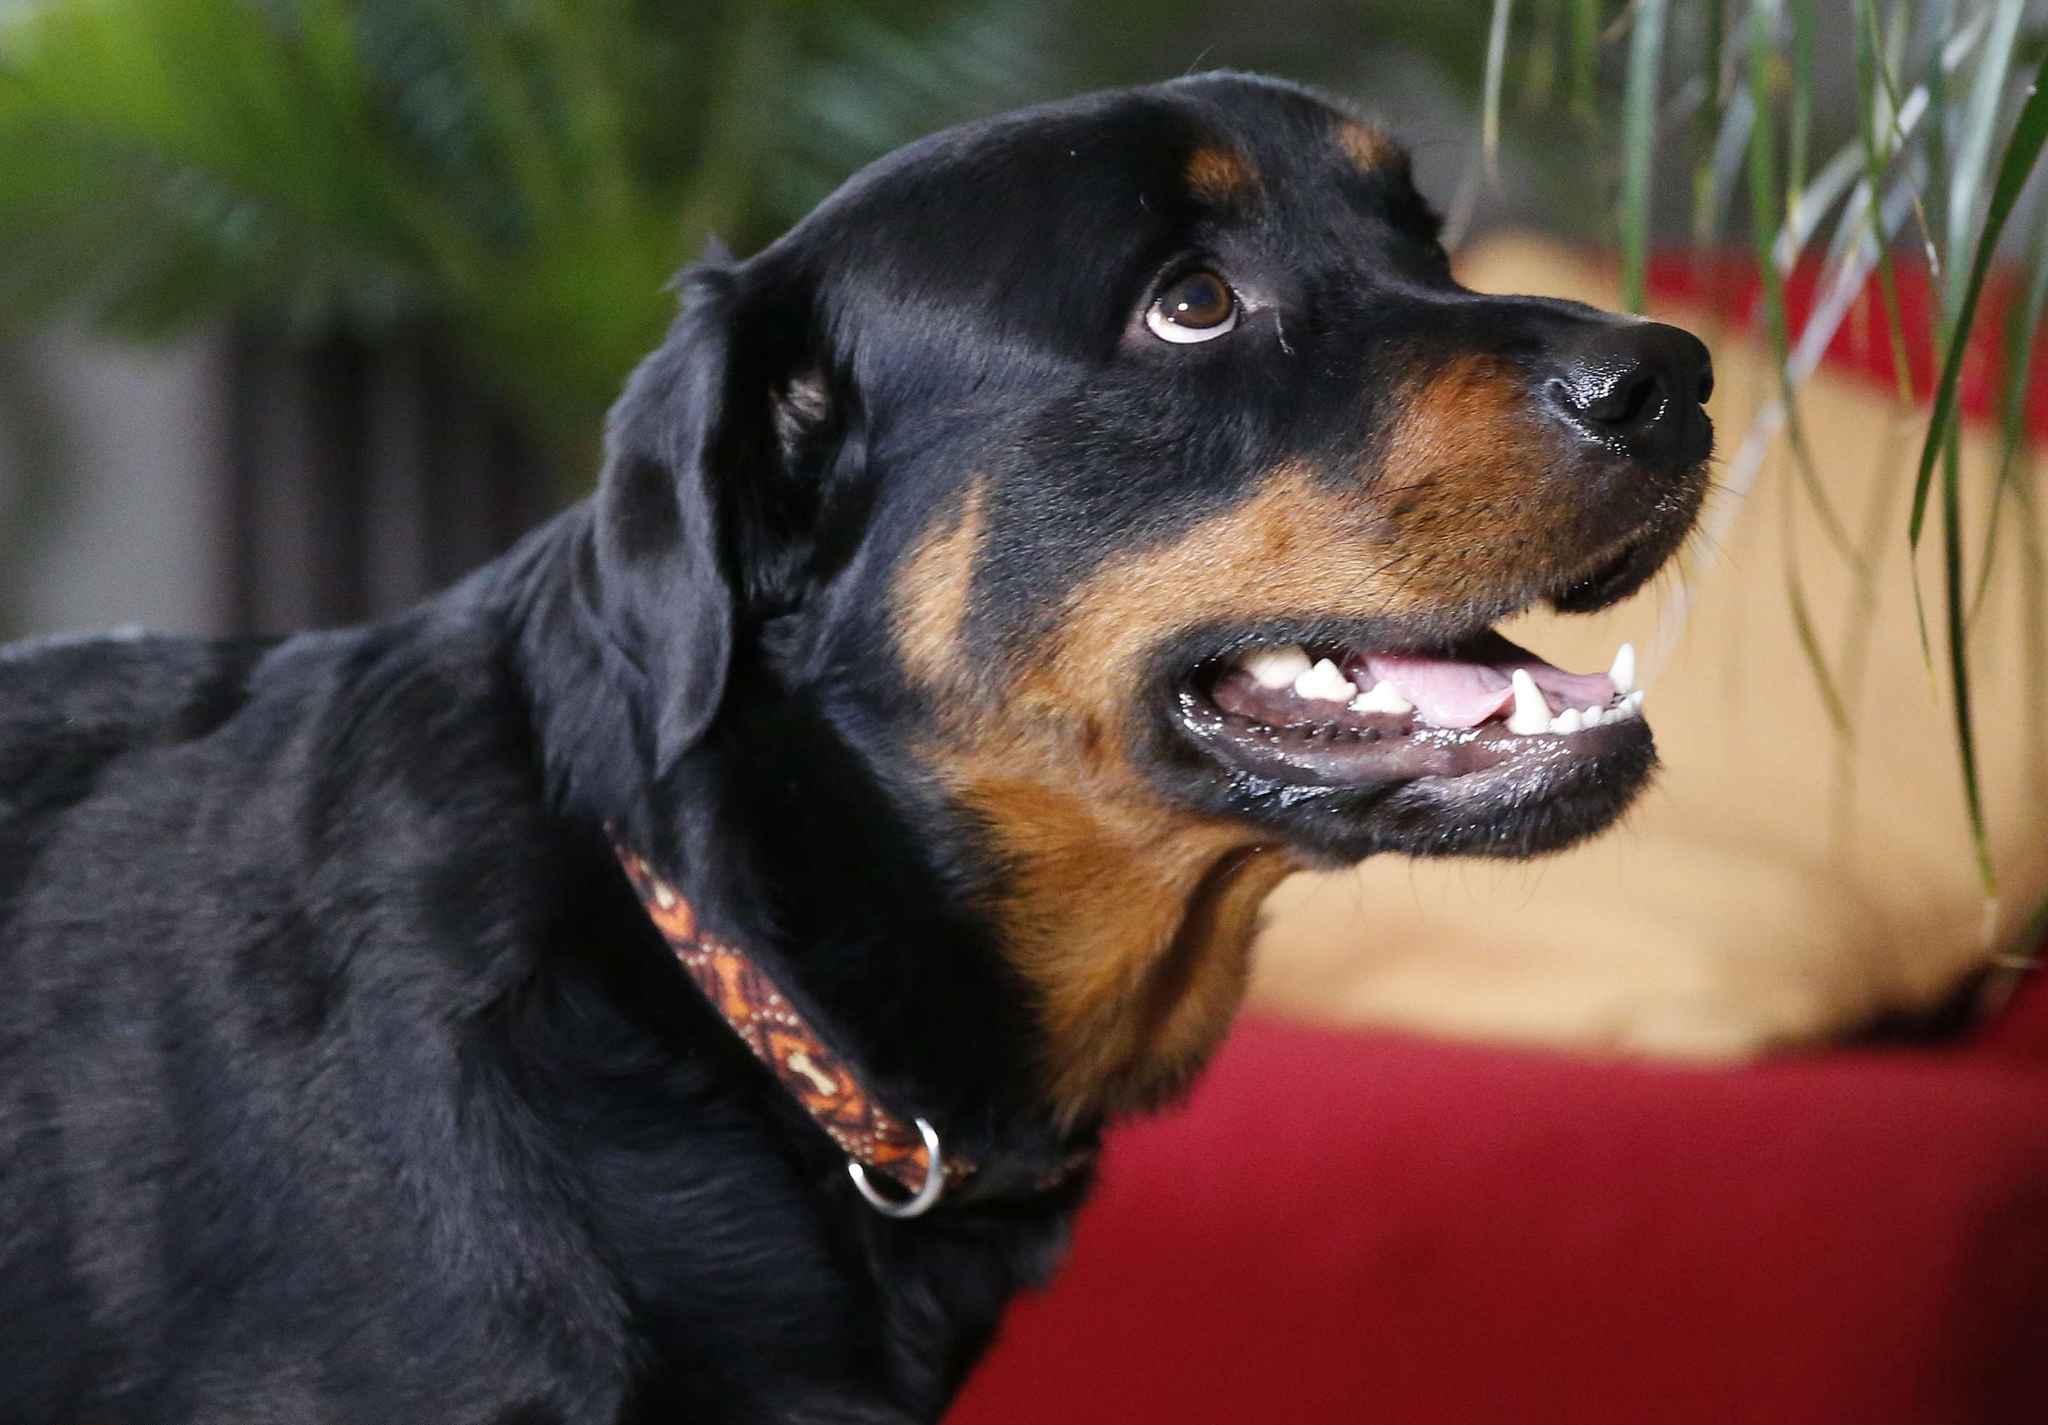 les chiens comme les humains sont capables de distinguer mots et intonations. Black Bedroom Furniture Sets. Home Design Ideas